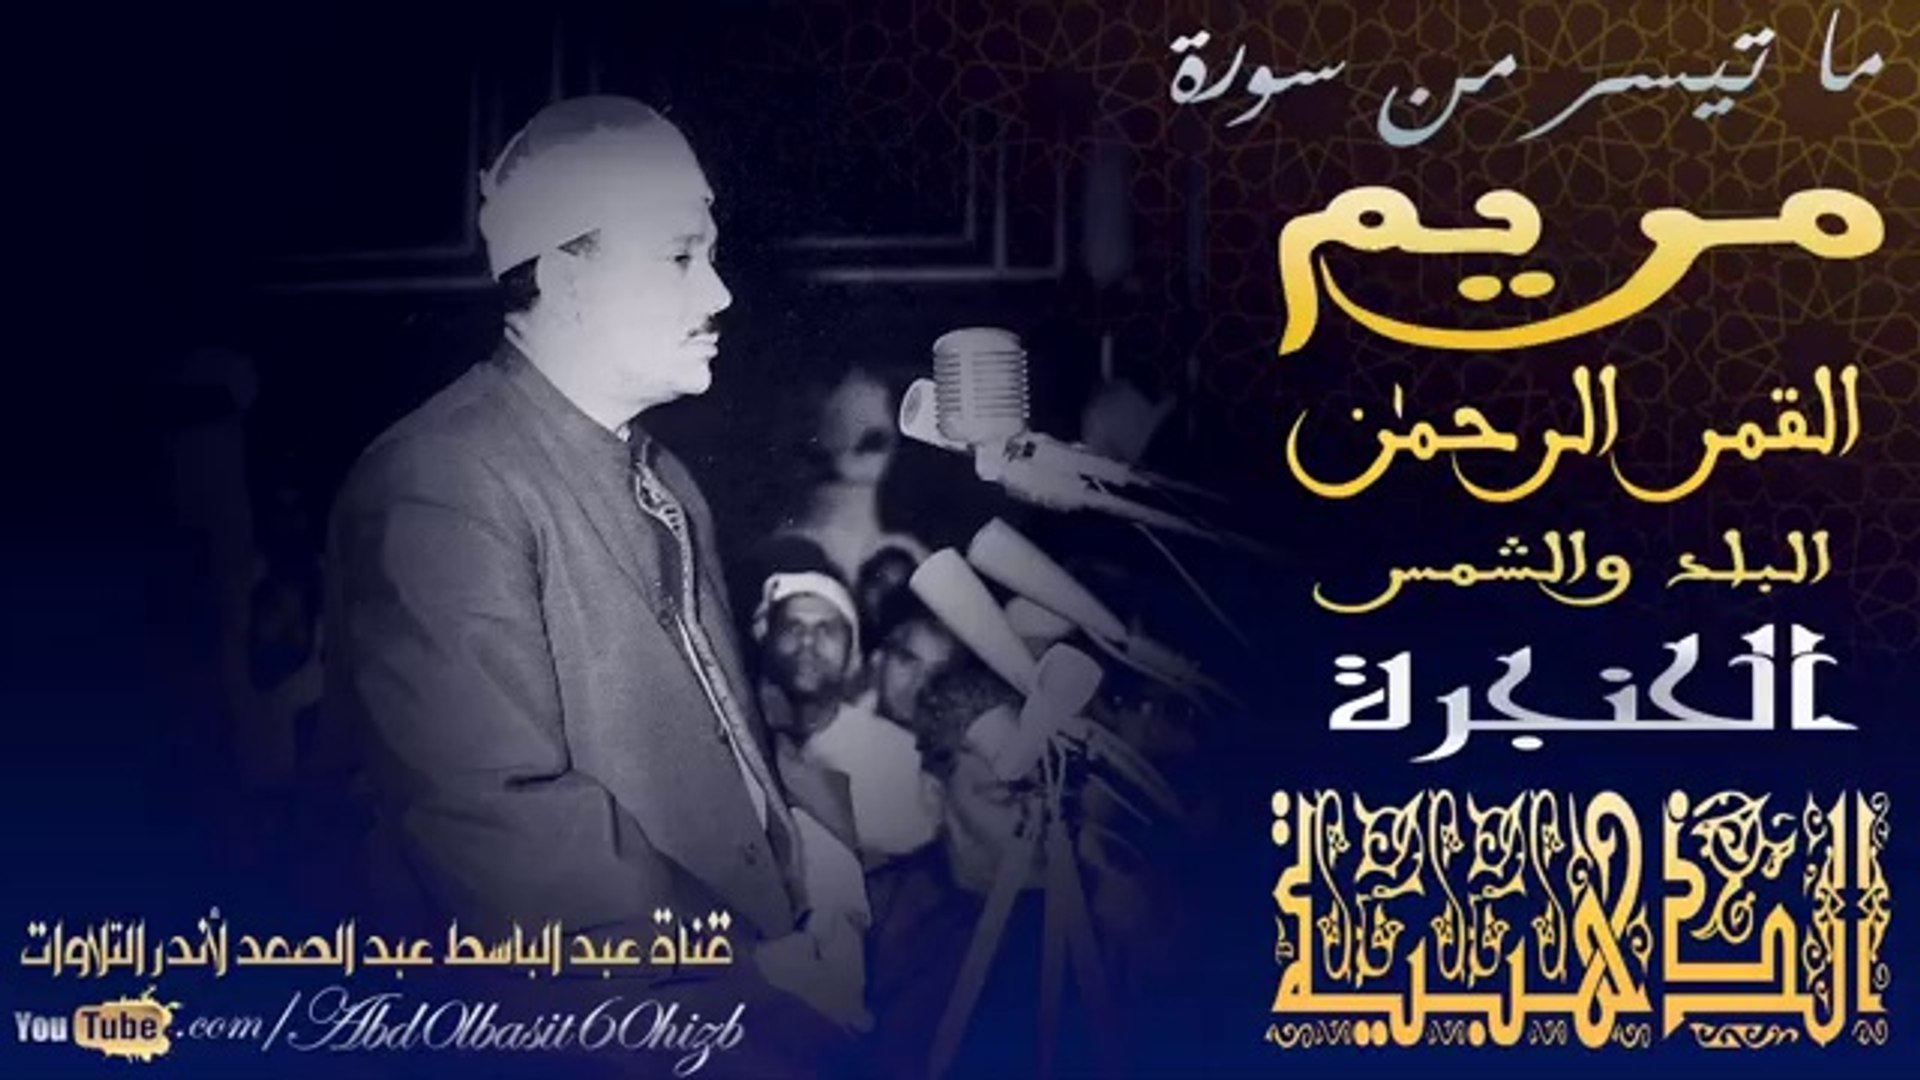 الشيخ عبد الباسط تلاوة إعجازية من سورة مريم القمر الرحمن البلد الشمس